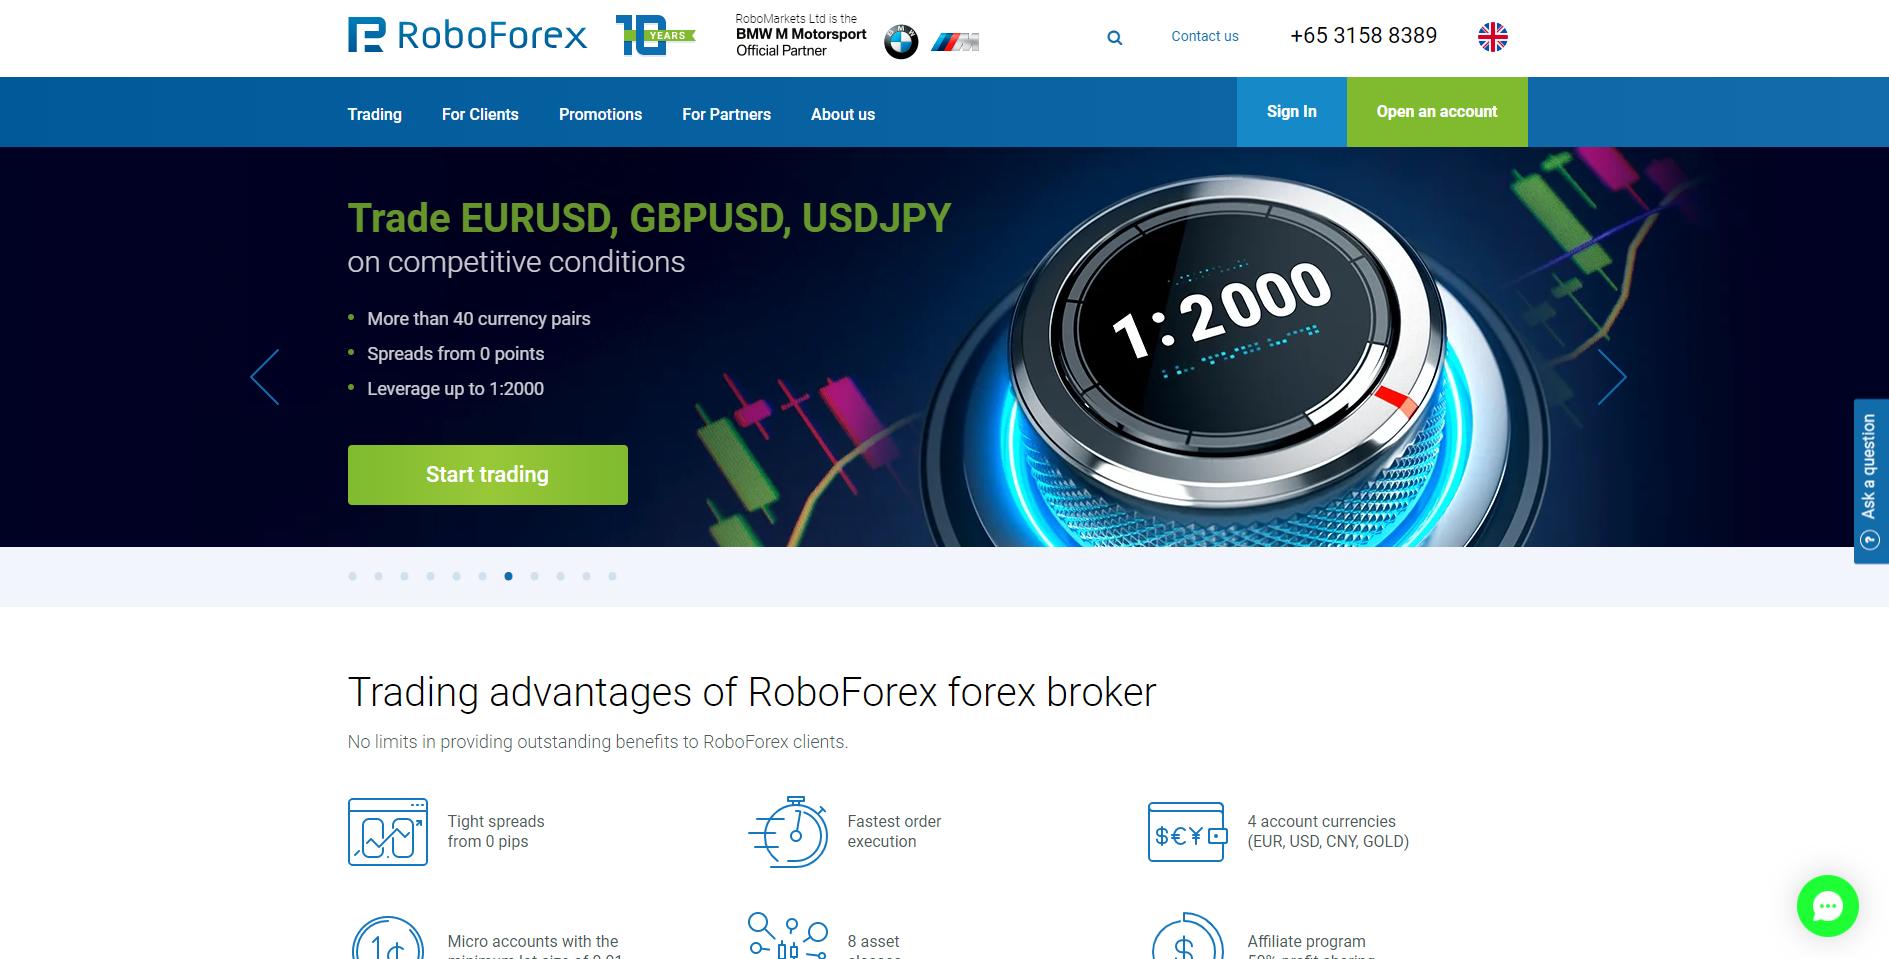 RoboForex website